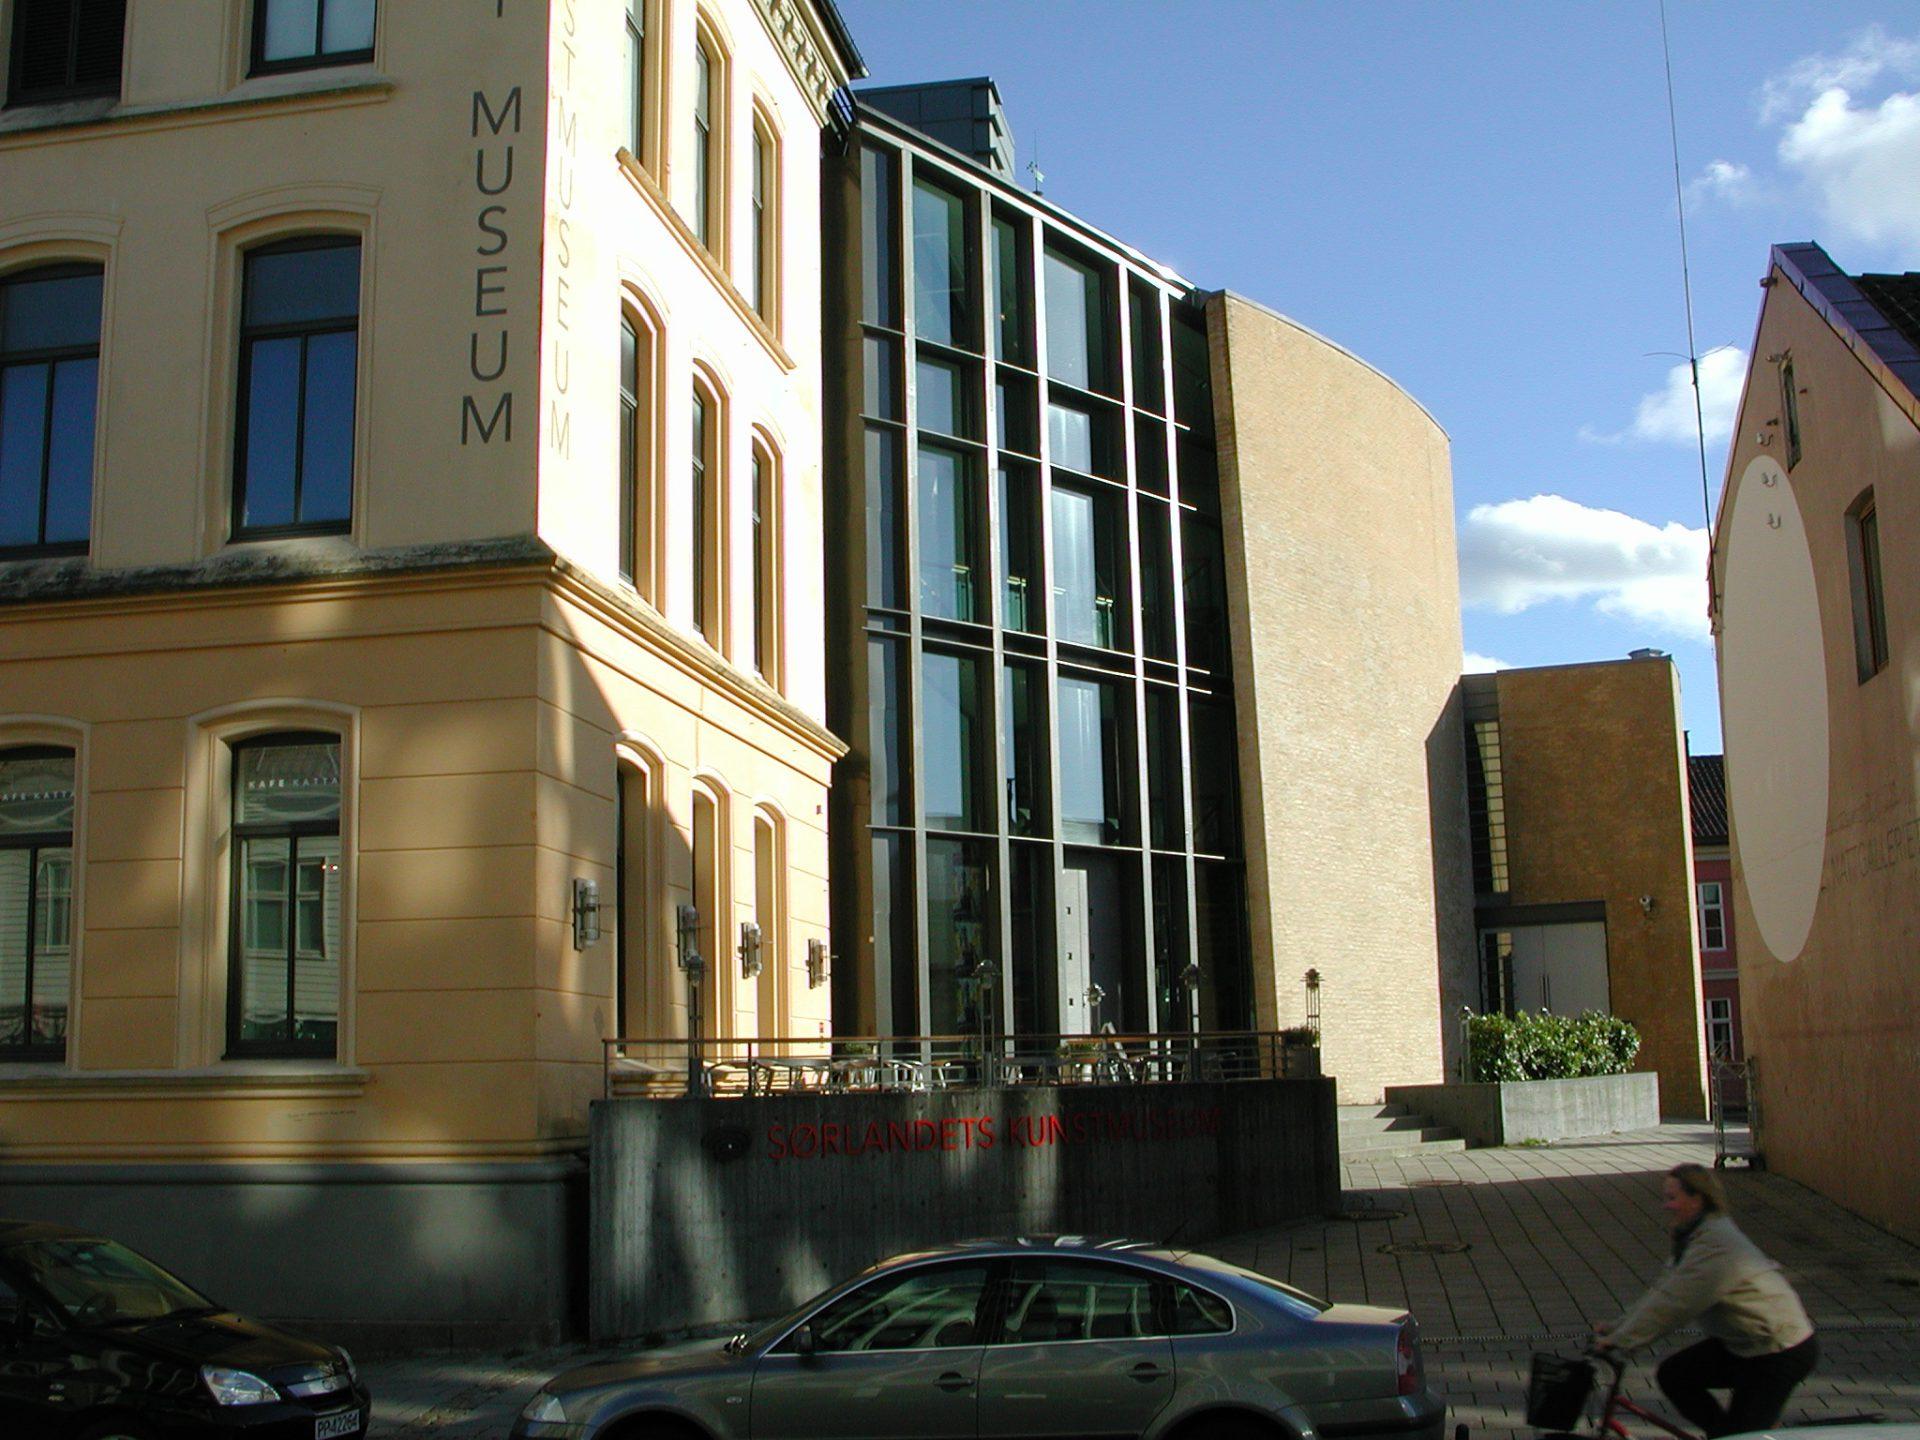 Sørlandets Kunstmuseum Fasade i Kristiansand